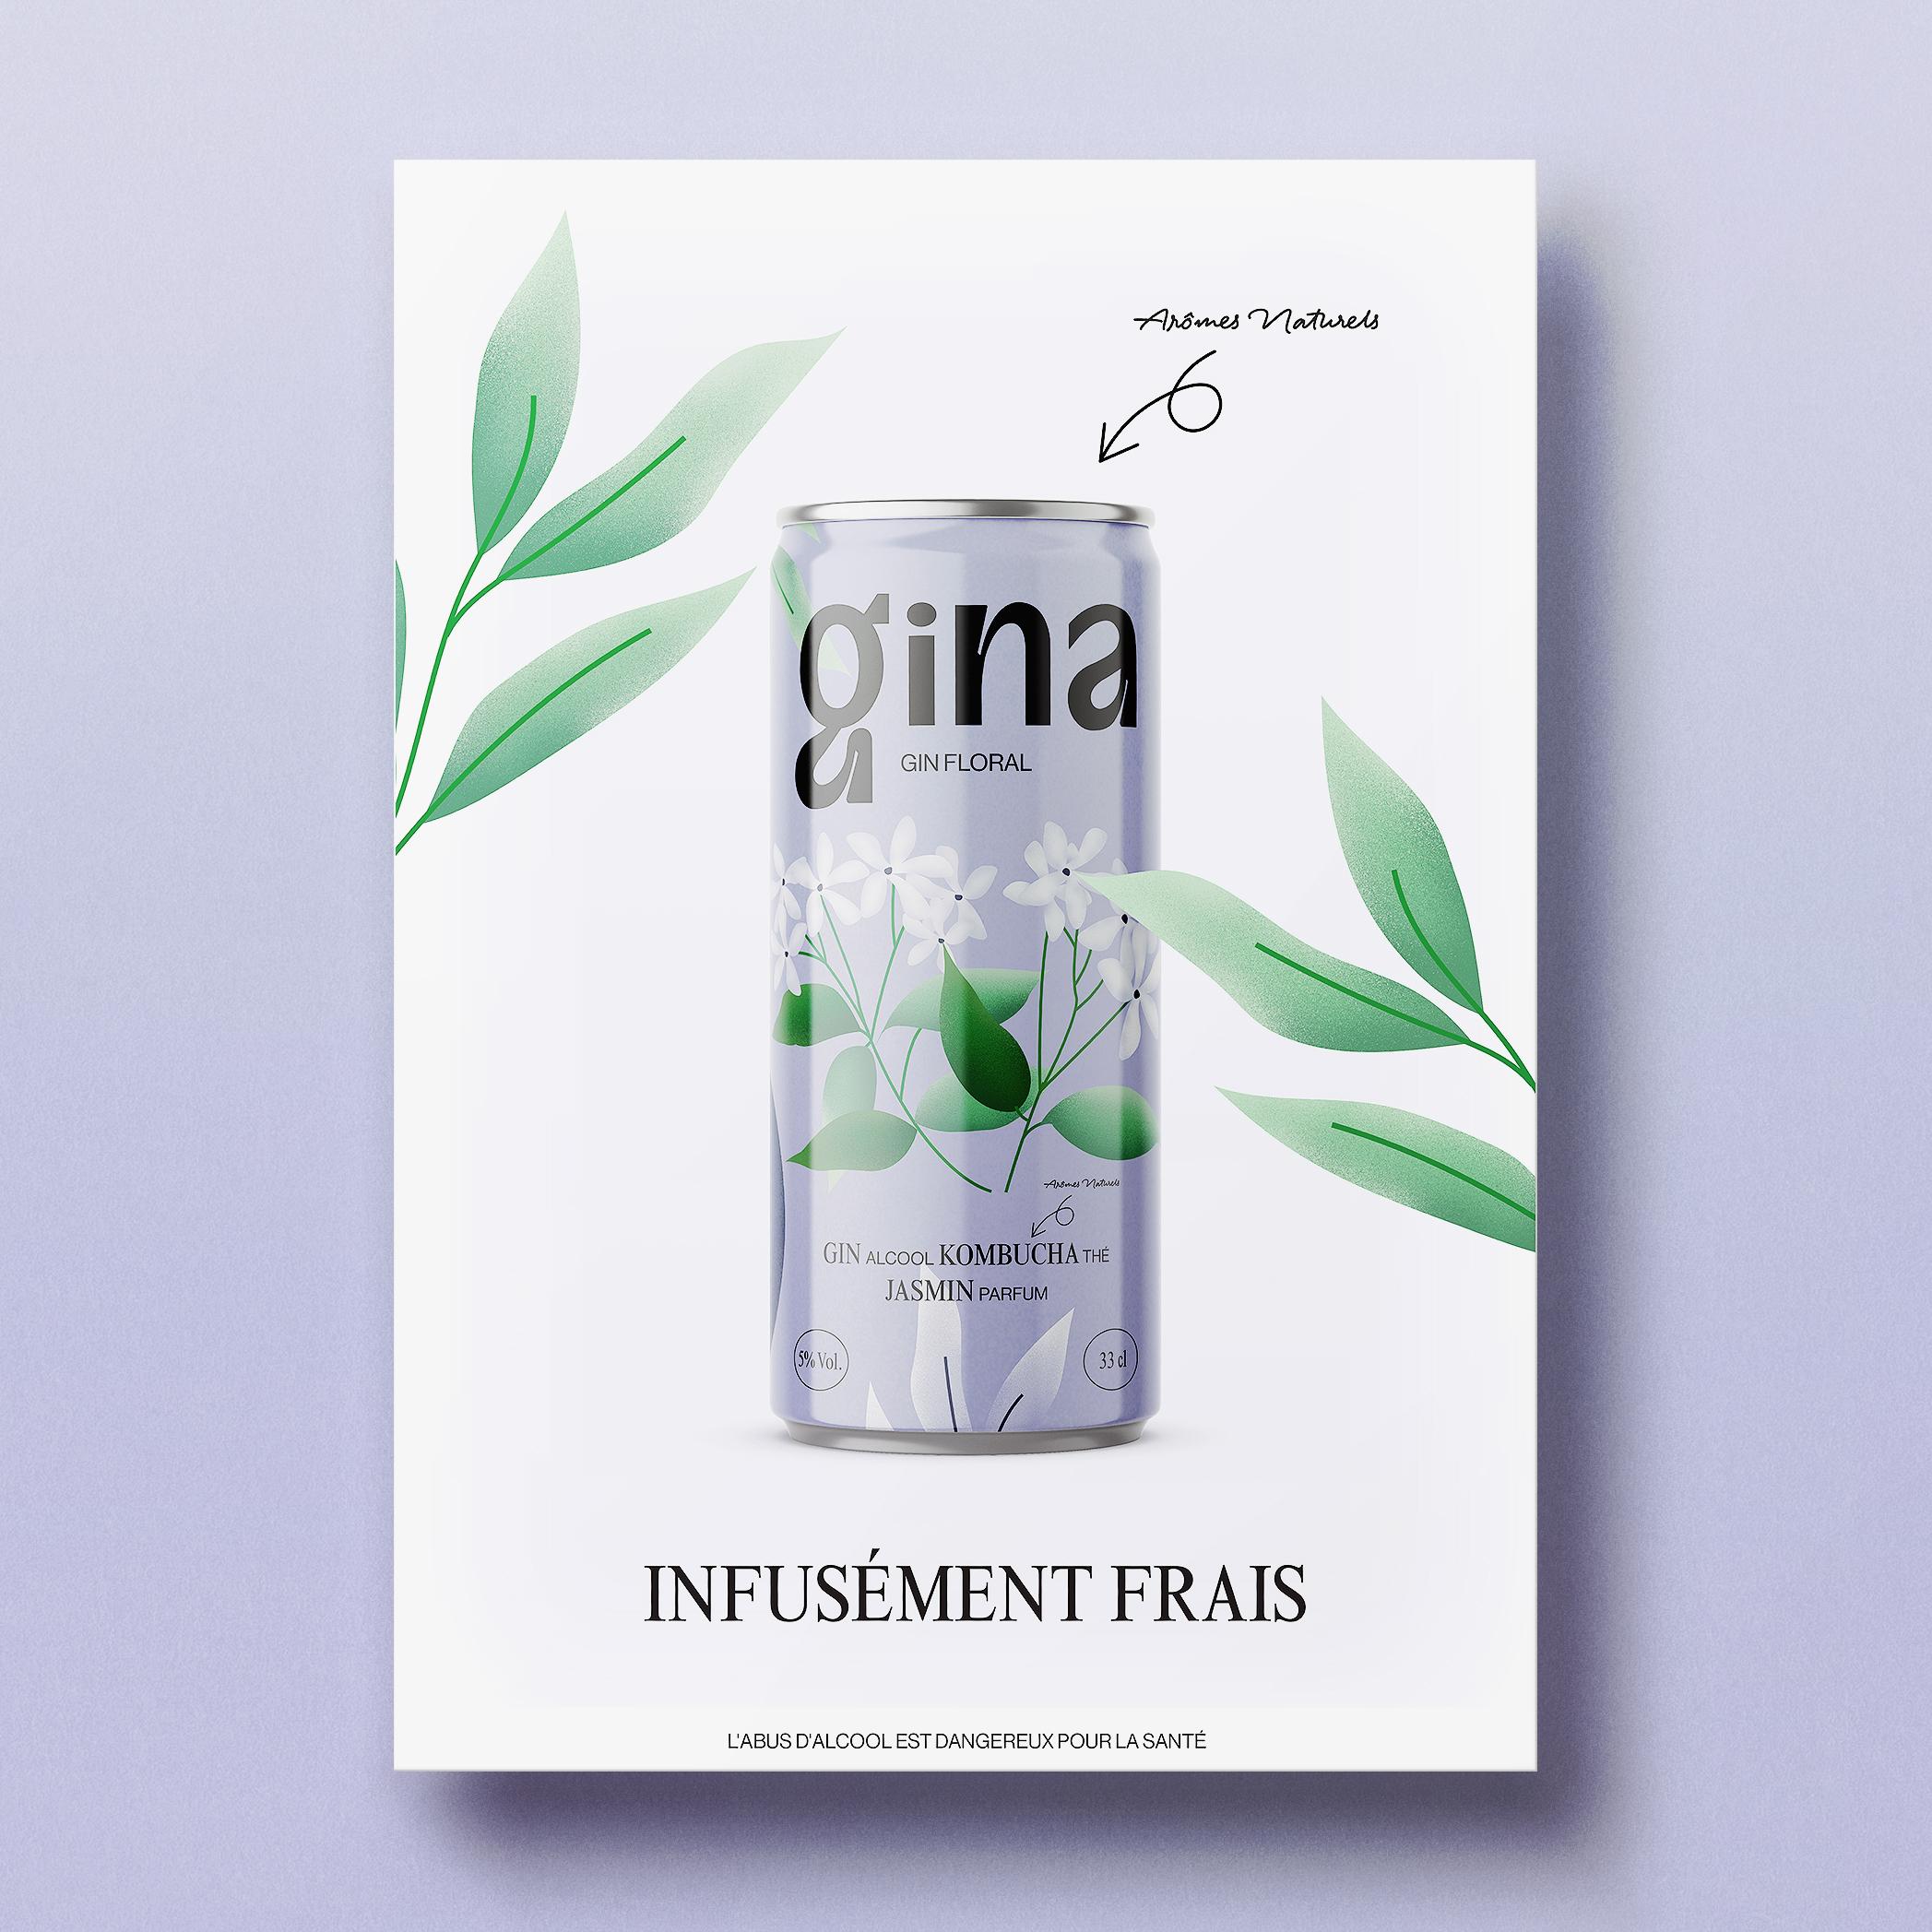 Gina identité visuelle et packaging boisson alcoolisée à base de Gin